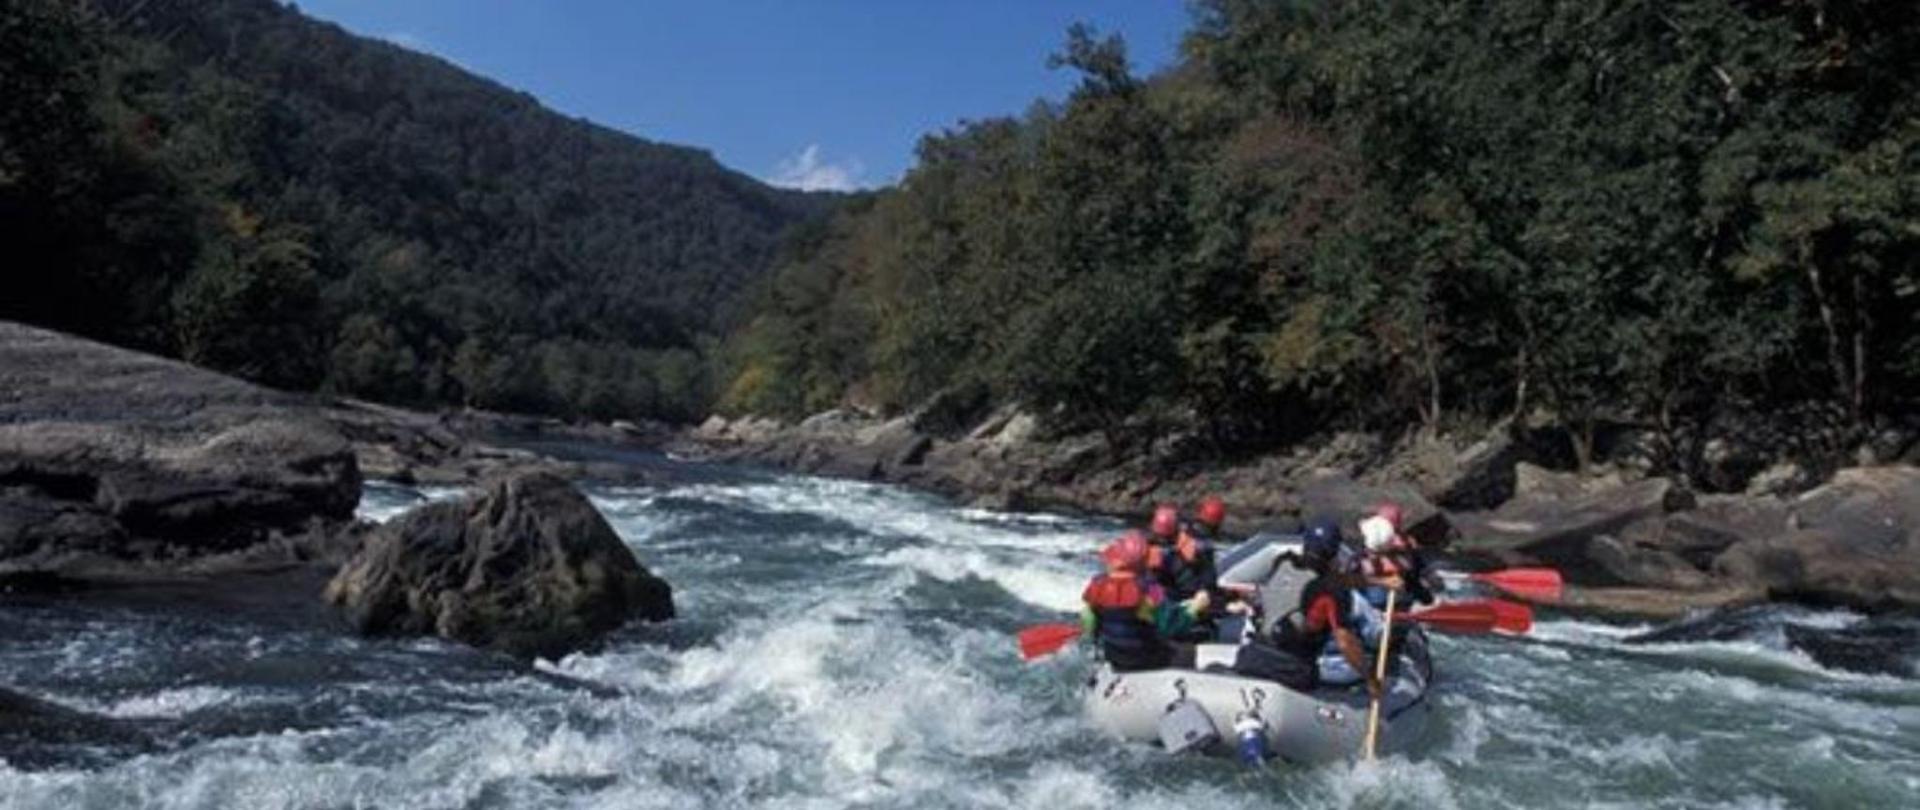 slide-new-river-rafting.jpg.1140x481_0_205_19063.jpg